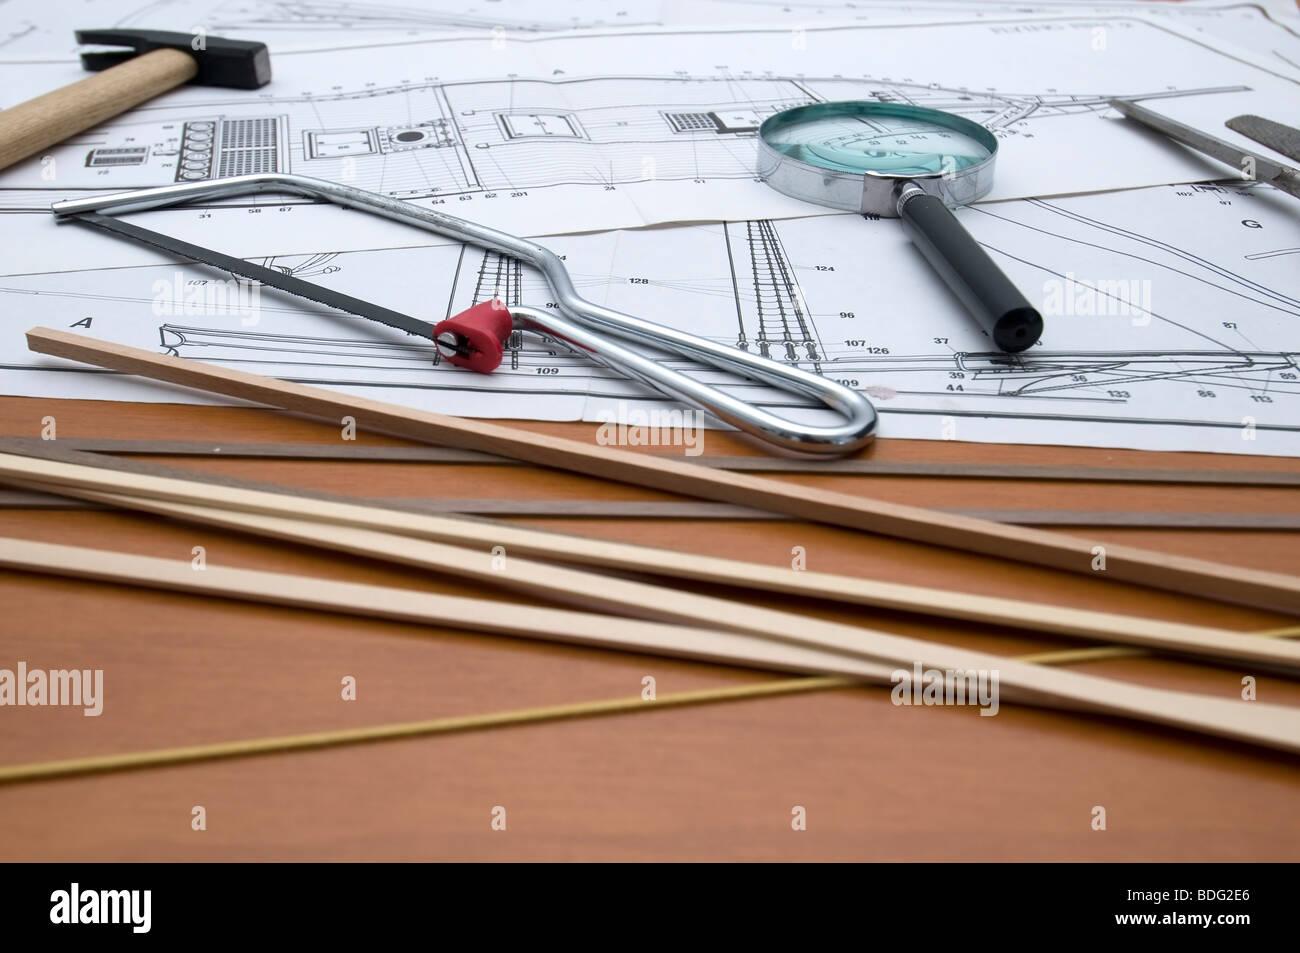 Plan immagini plan fotos stock alamy for Piano di costruzione online